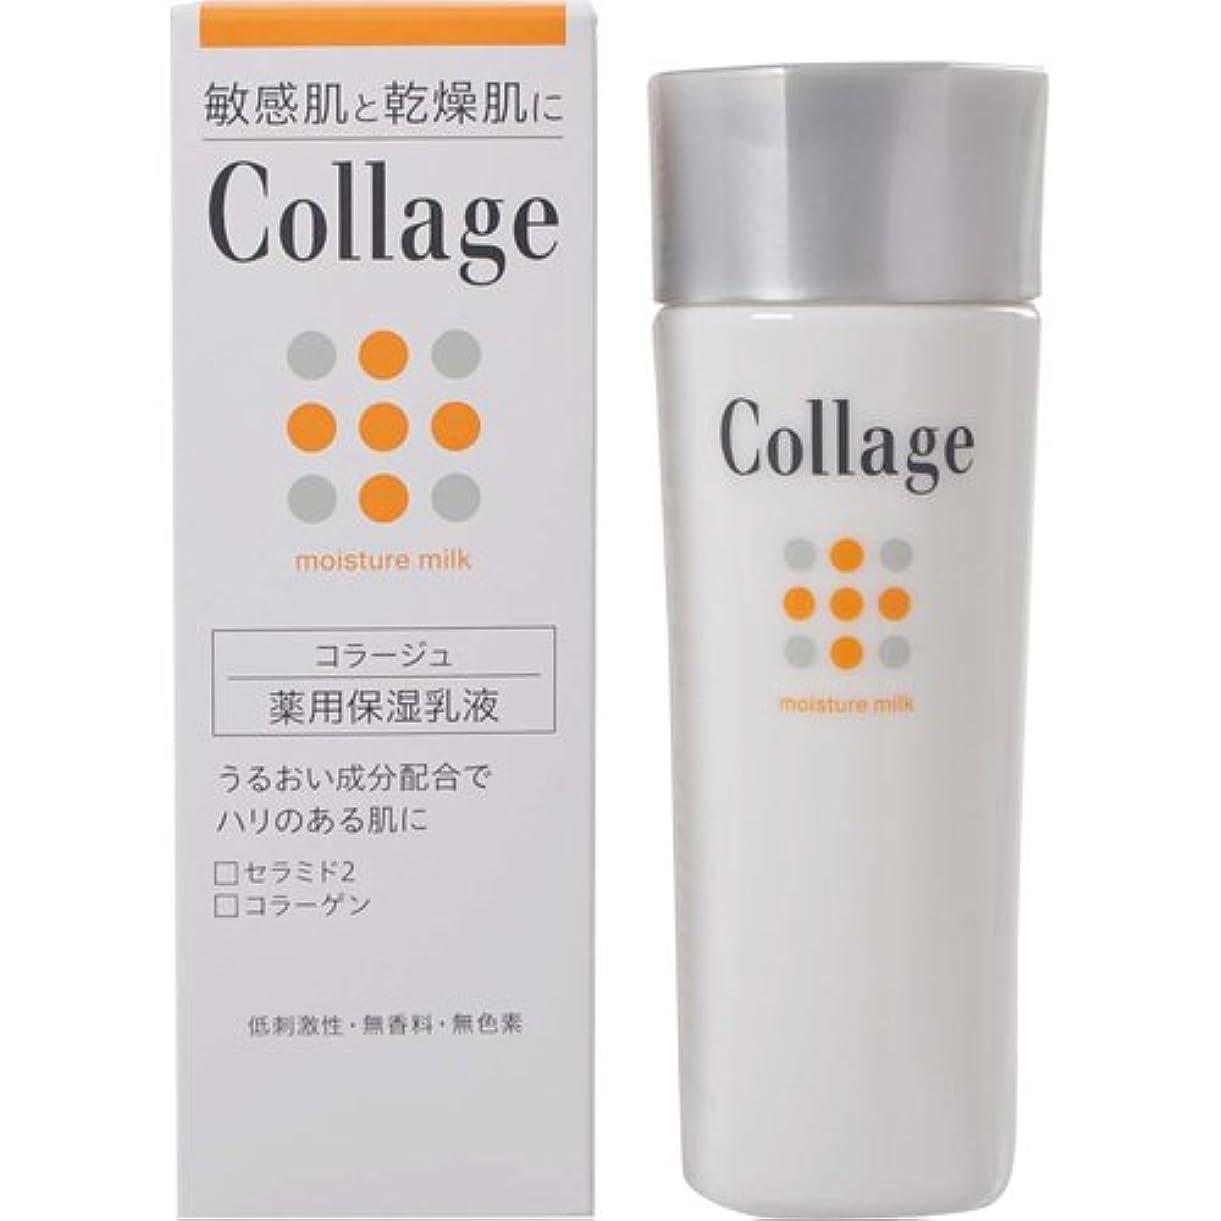 不名誉な驚サポートコラージュ 薬用保湿乳液 80mL 【医薬部外品】